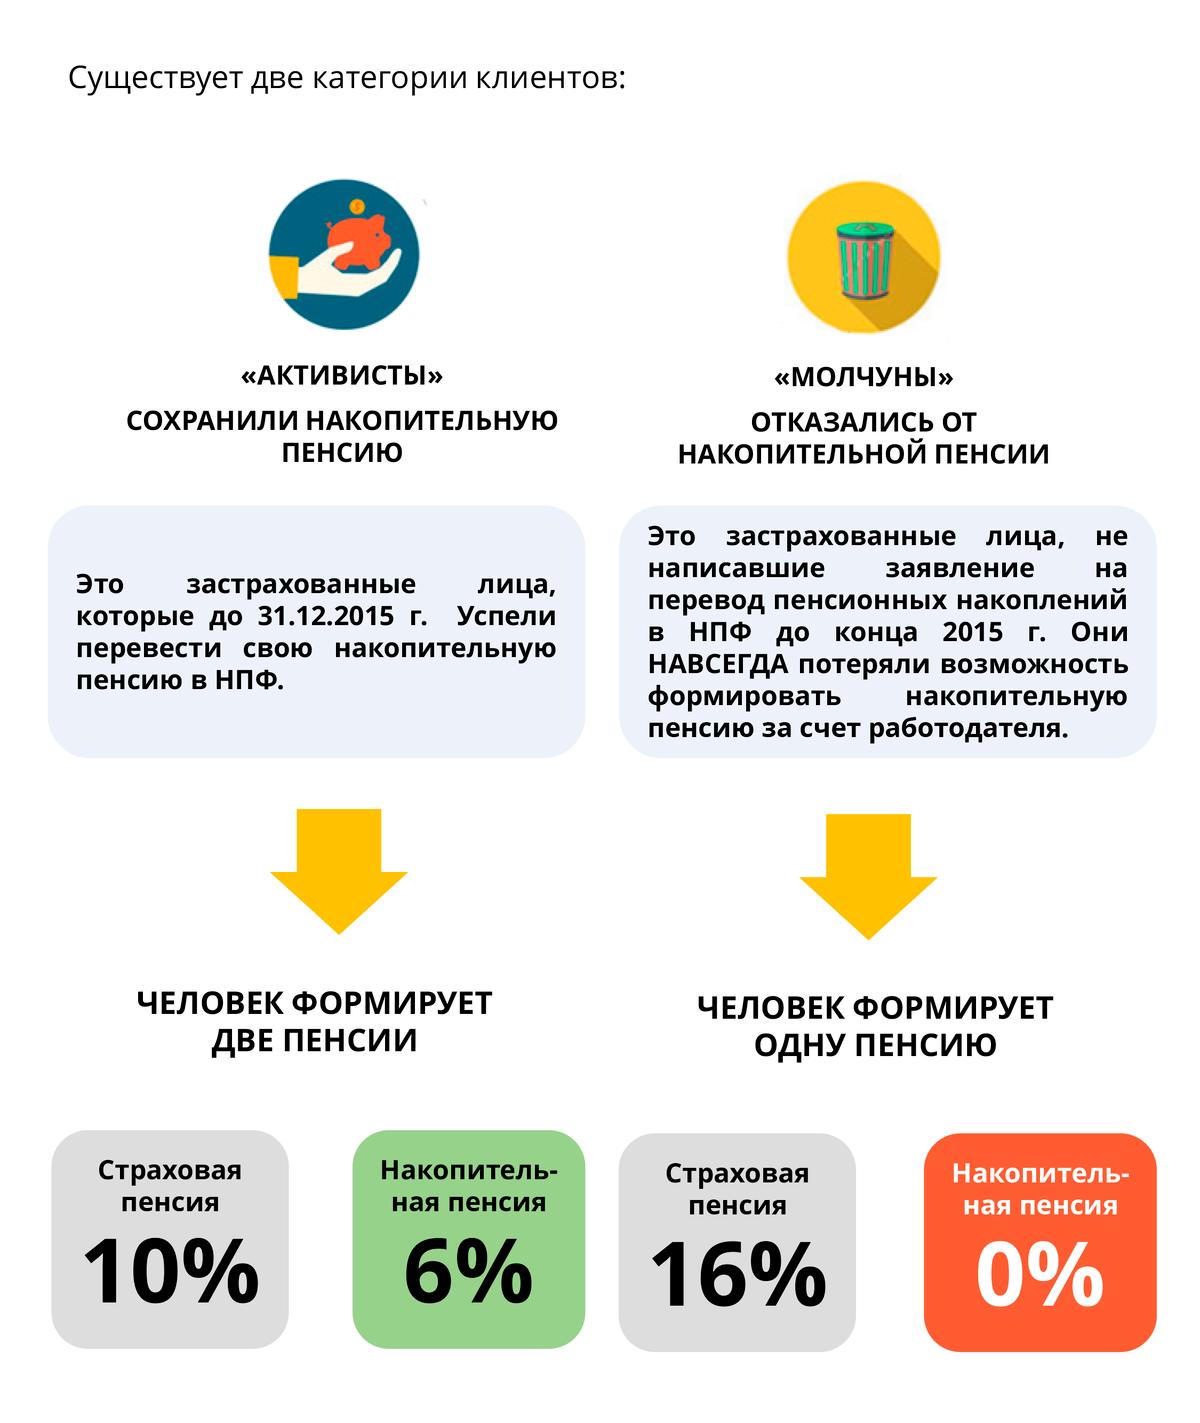 Как формируется пенсия «молчунов» и «активистов» — схема из учебного пособия фонда «Доверие»